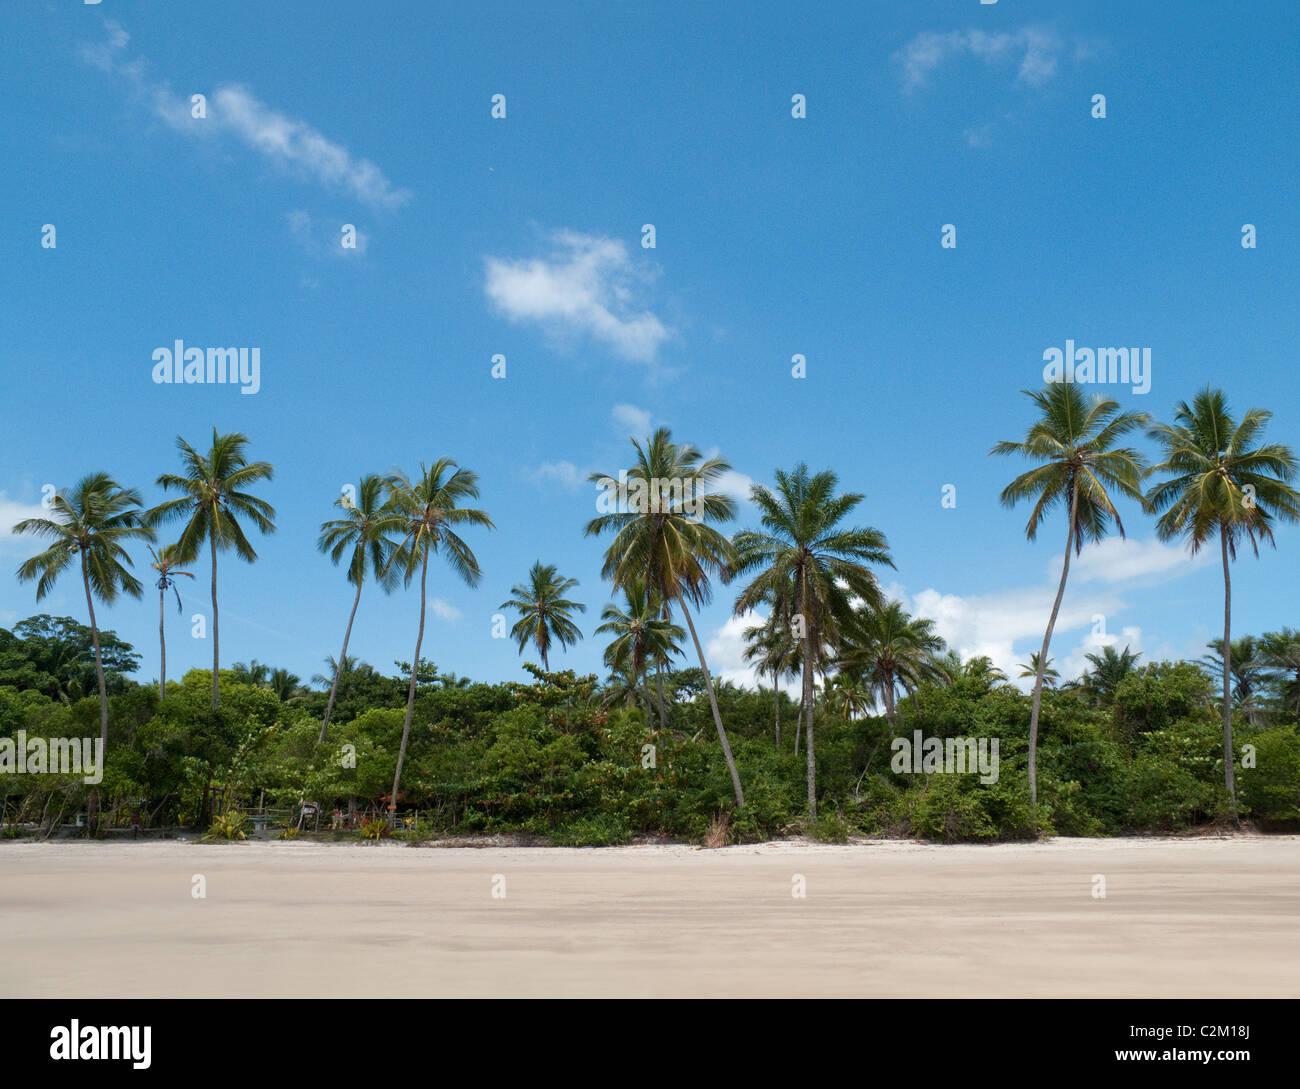 Palme sulla spiaggia, isola di Boipeba, Bahia, Brasile Immagini Stock